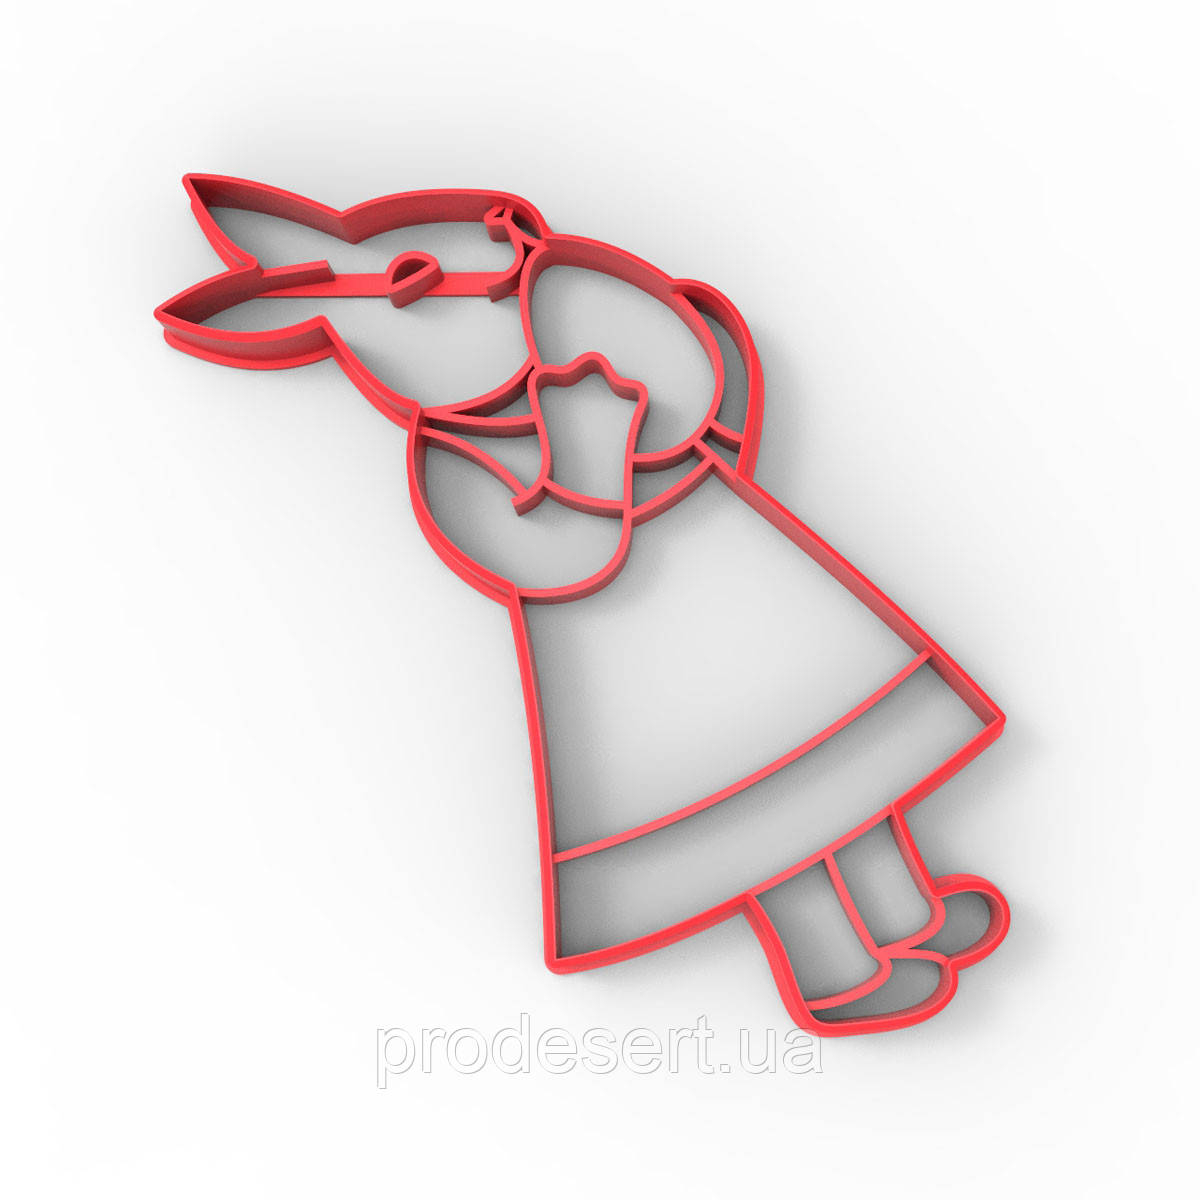 Вырубка для пряников Пасхальный кролик Девочка 16*8 см (3D)